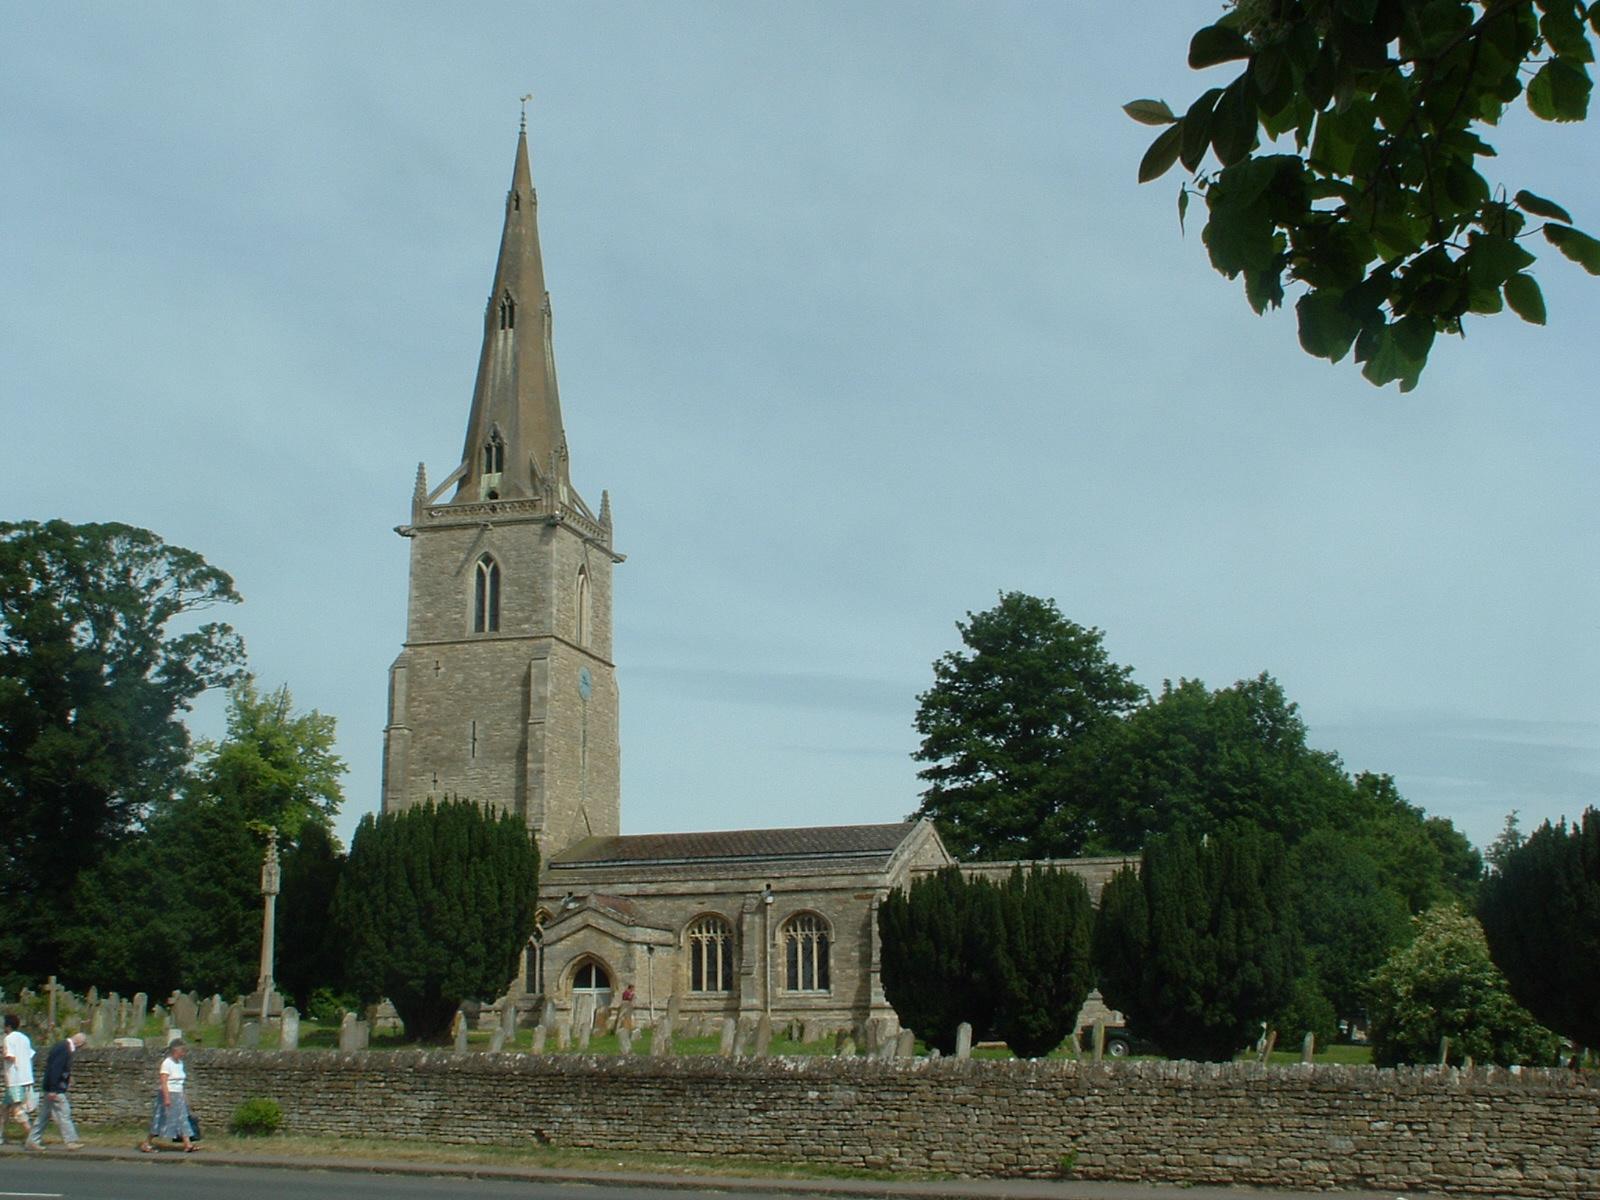 sharnbrook_church